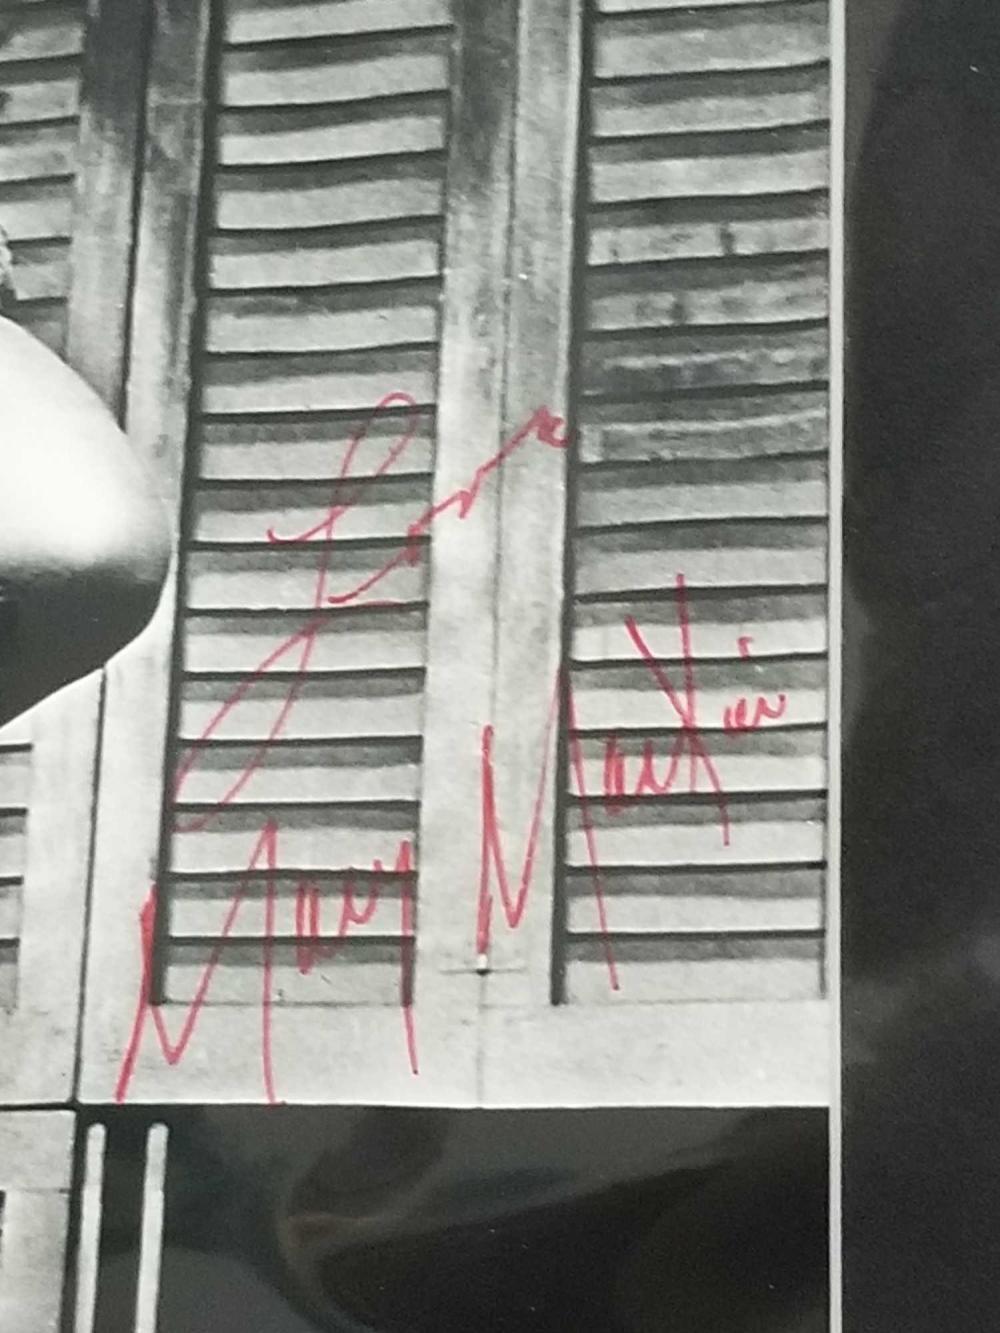 Lot 96: MARY MARTIN BLACK & WHITE SIGNED MOVIE STILL PHOTO